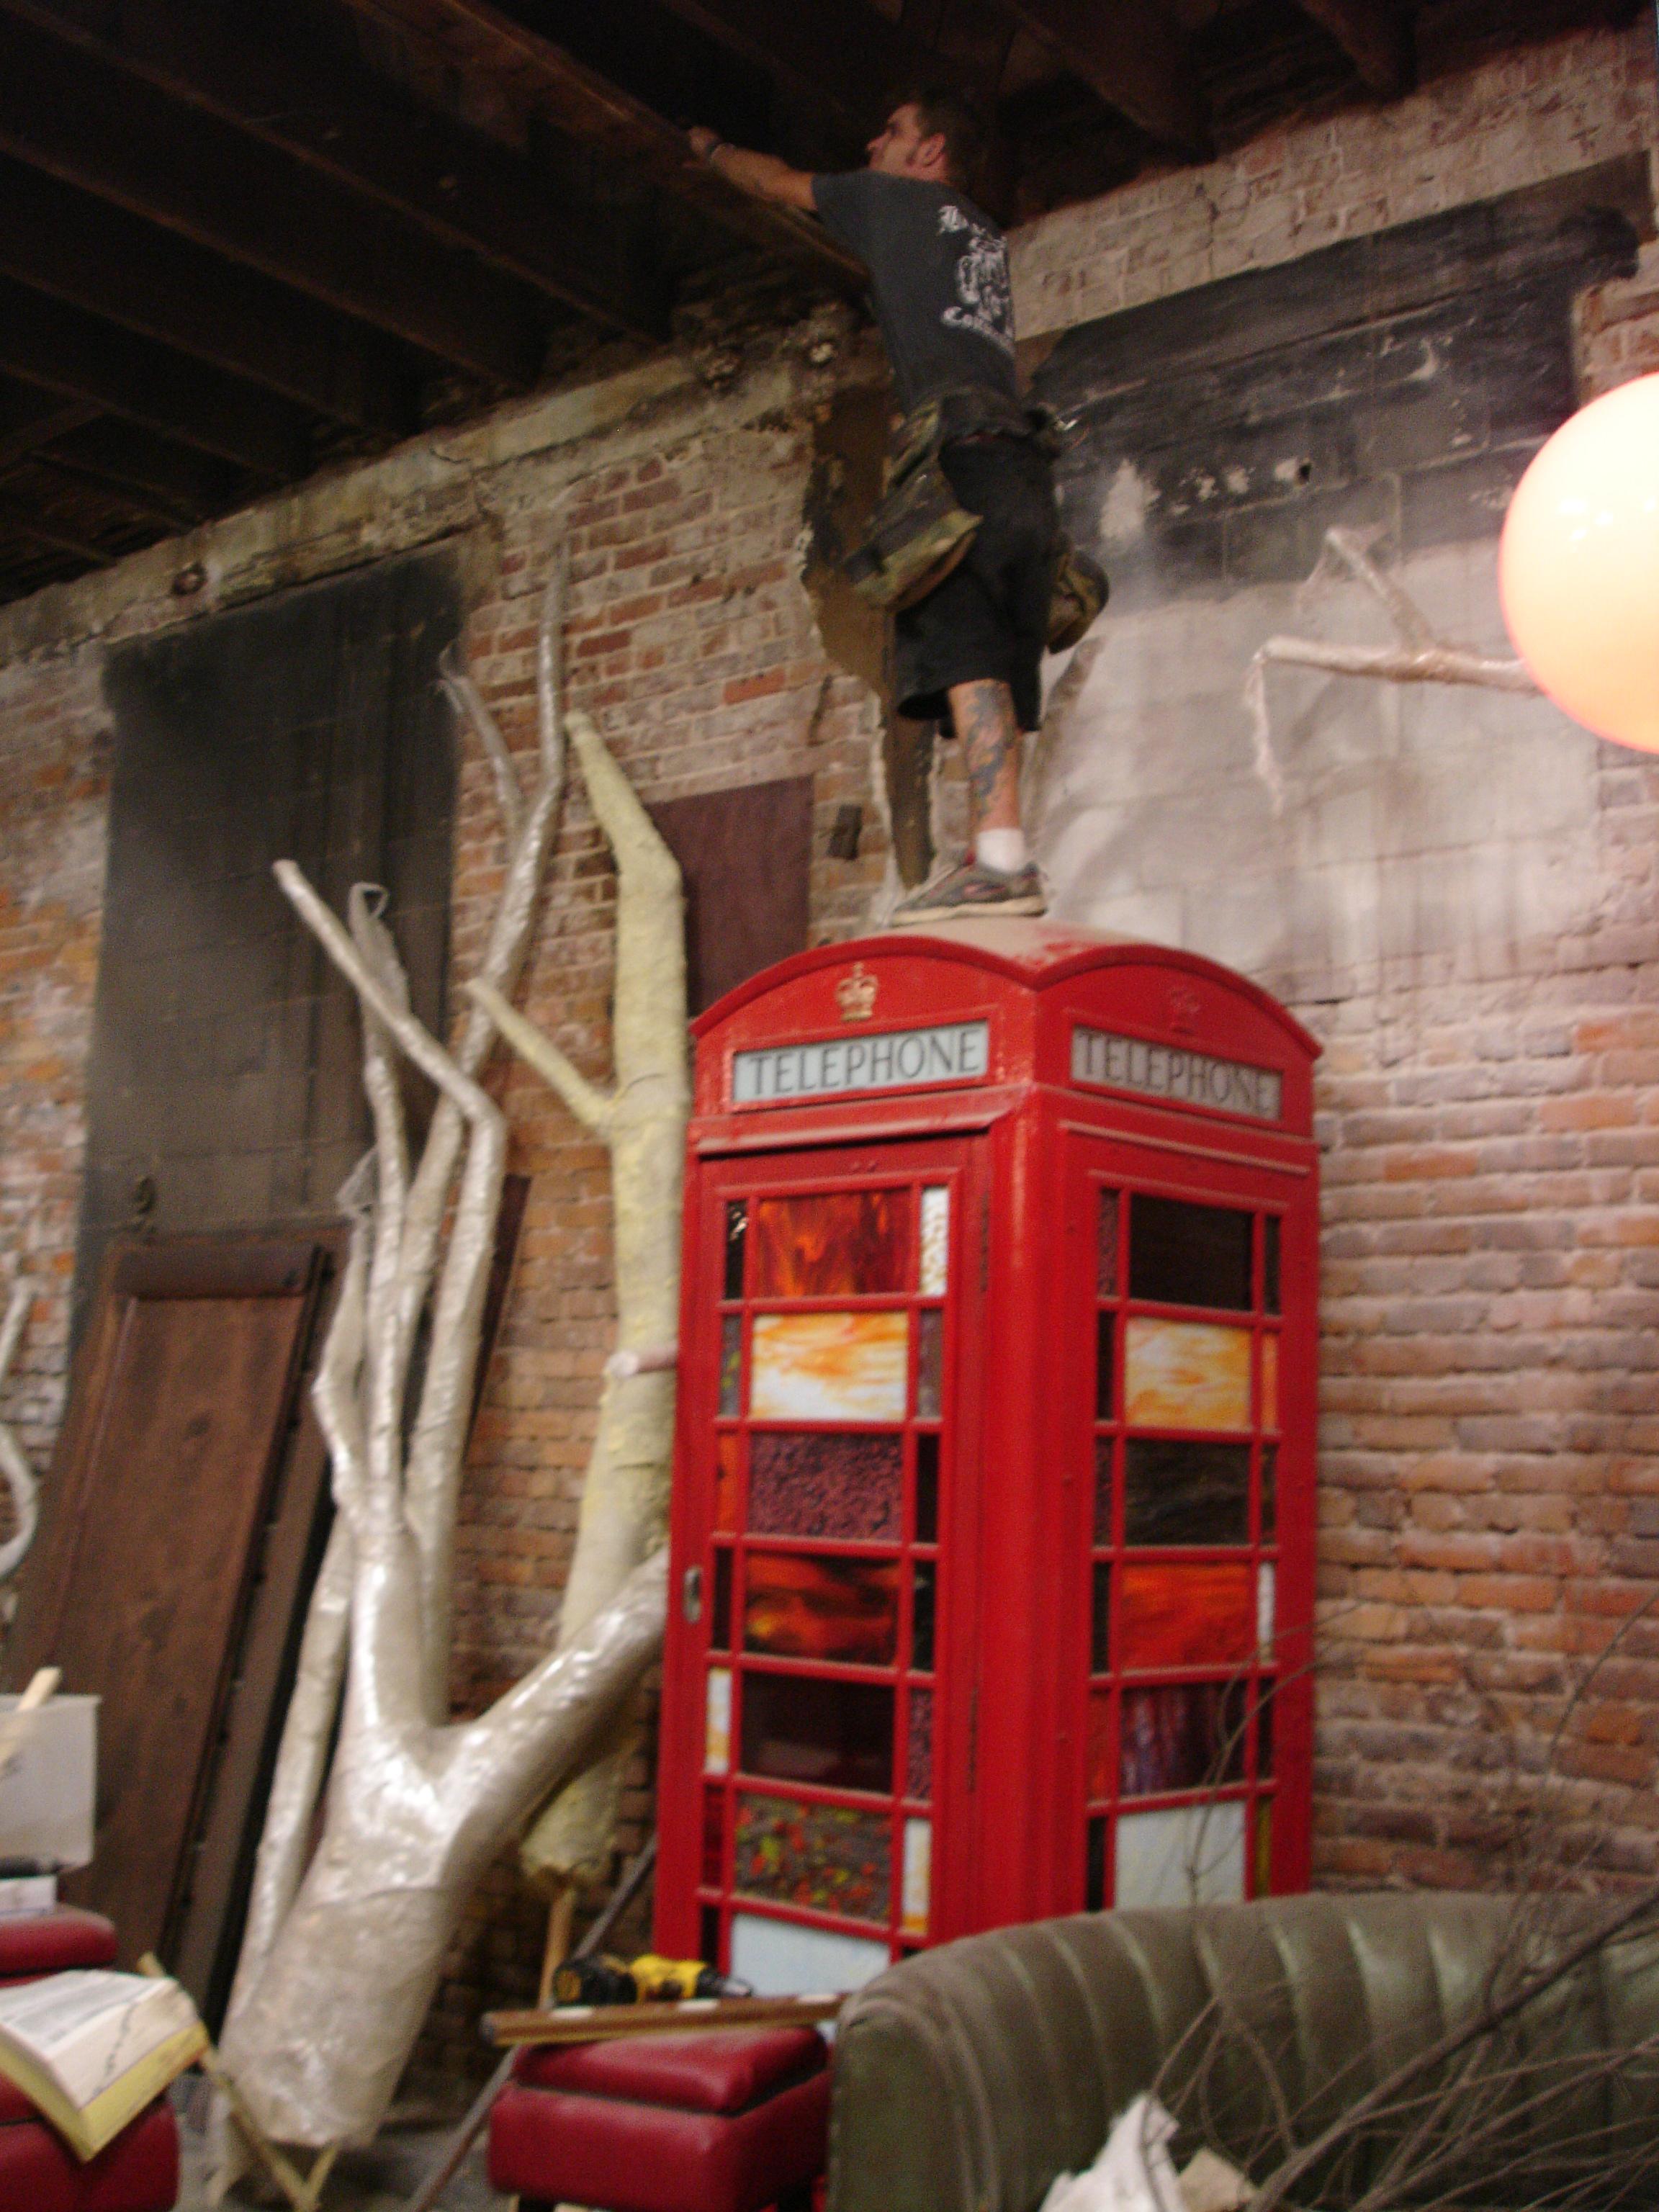 cletus on phonebooth.JPG